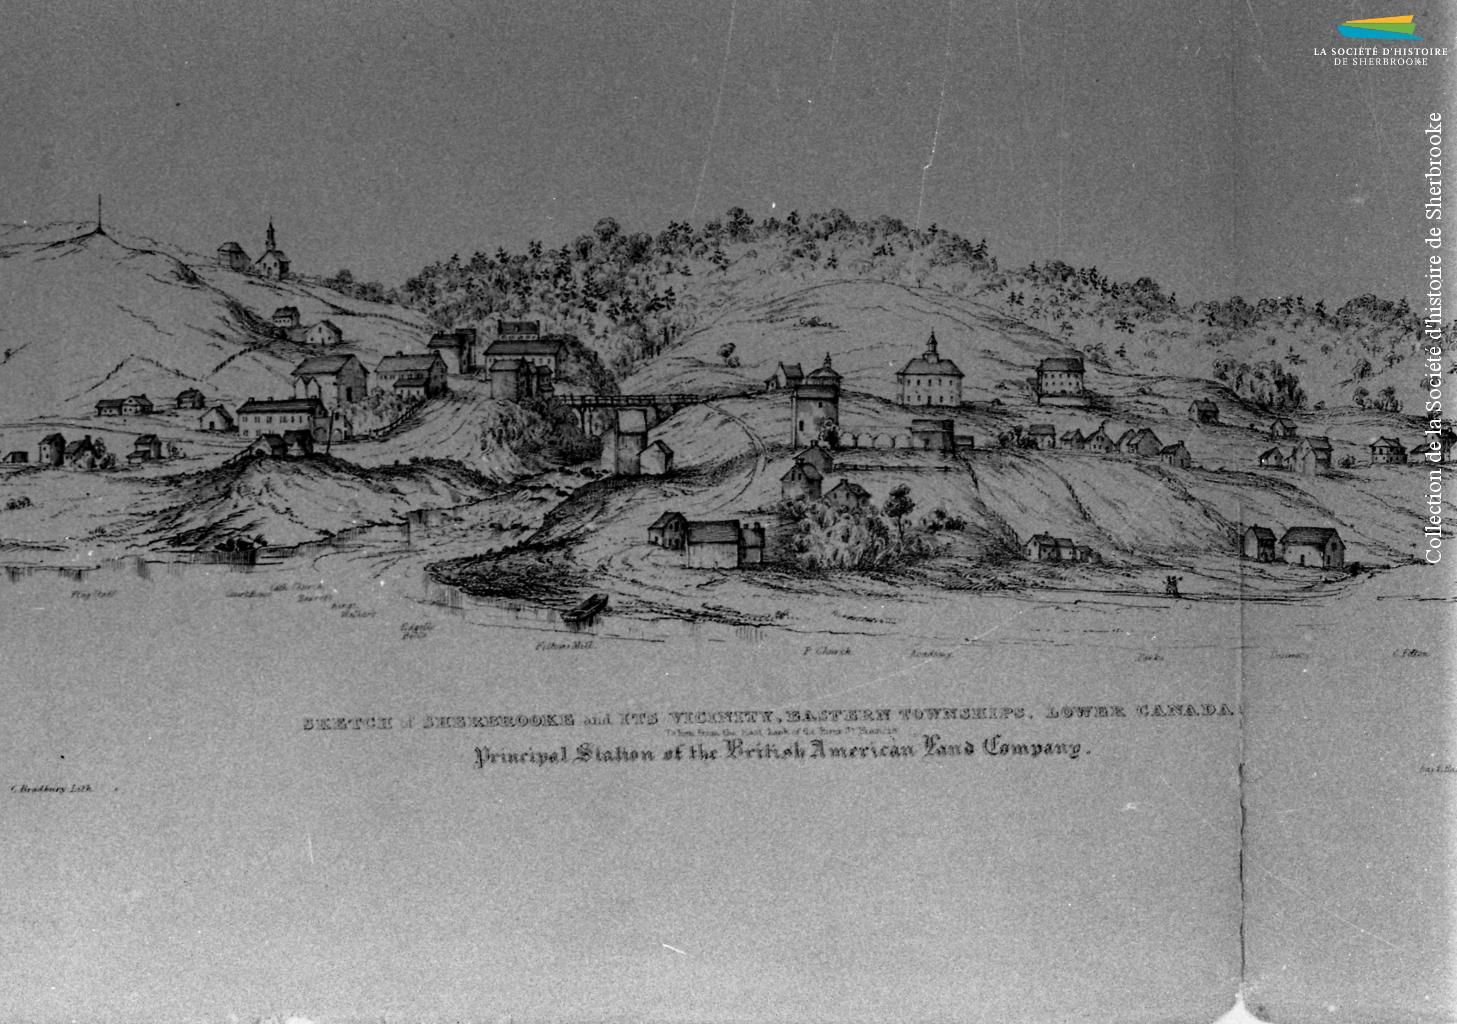 Sherbrooke en 1836, vue depuis la rive est de la rivière Saint-François. Les activités industrielles se résument alors à quelques moulins alimentés par l'eau de la rivière Magog. À partir de 1834, la BALCo construit d'autres barrages et aménage les rives de la rivière afin d'attirer d'autres manufactures.